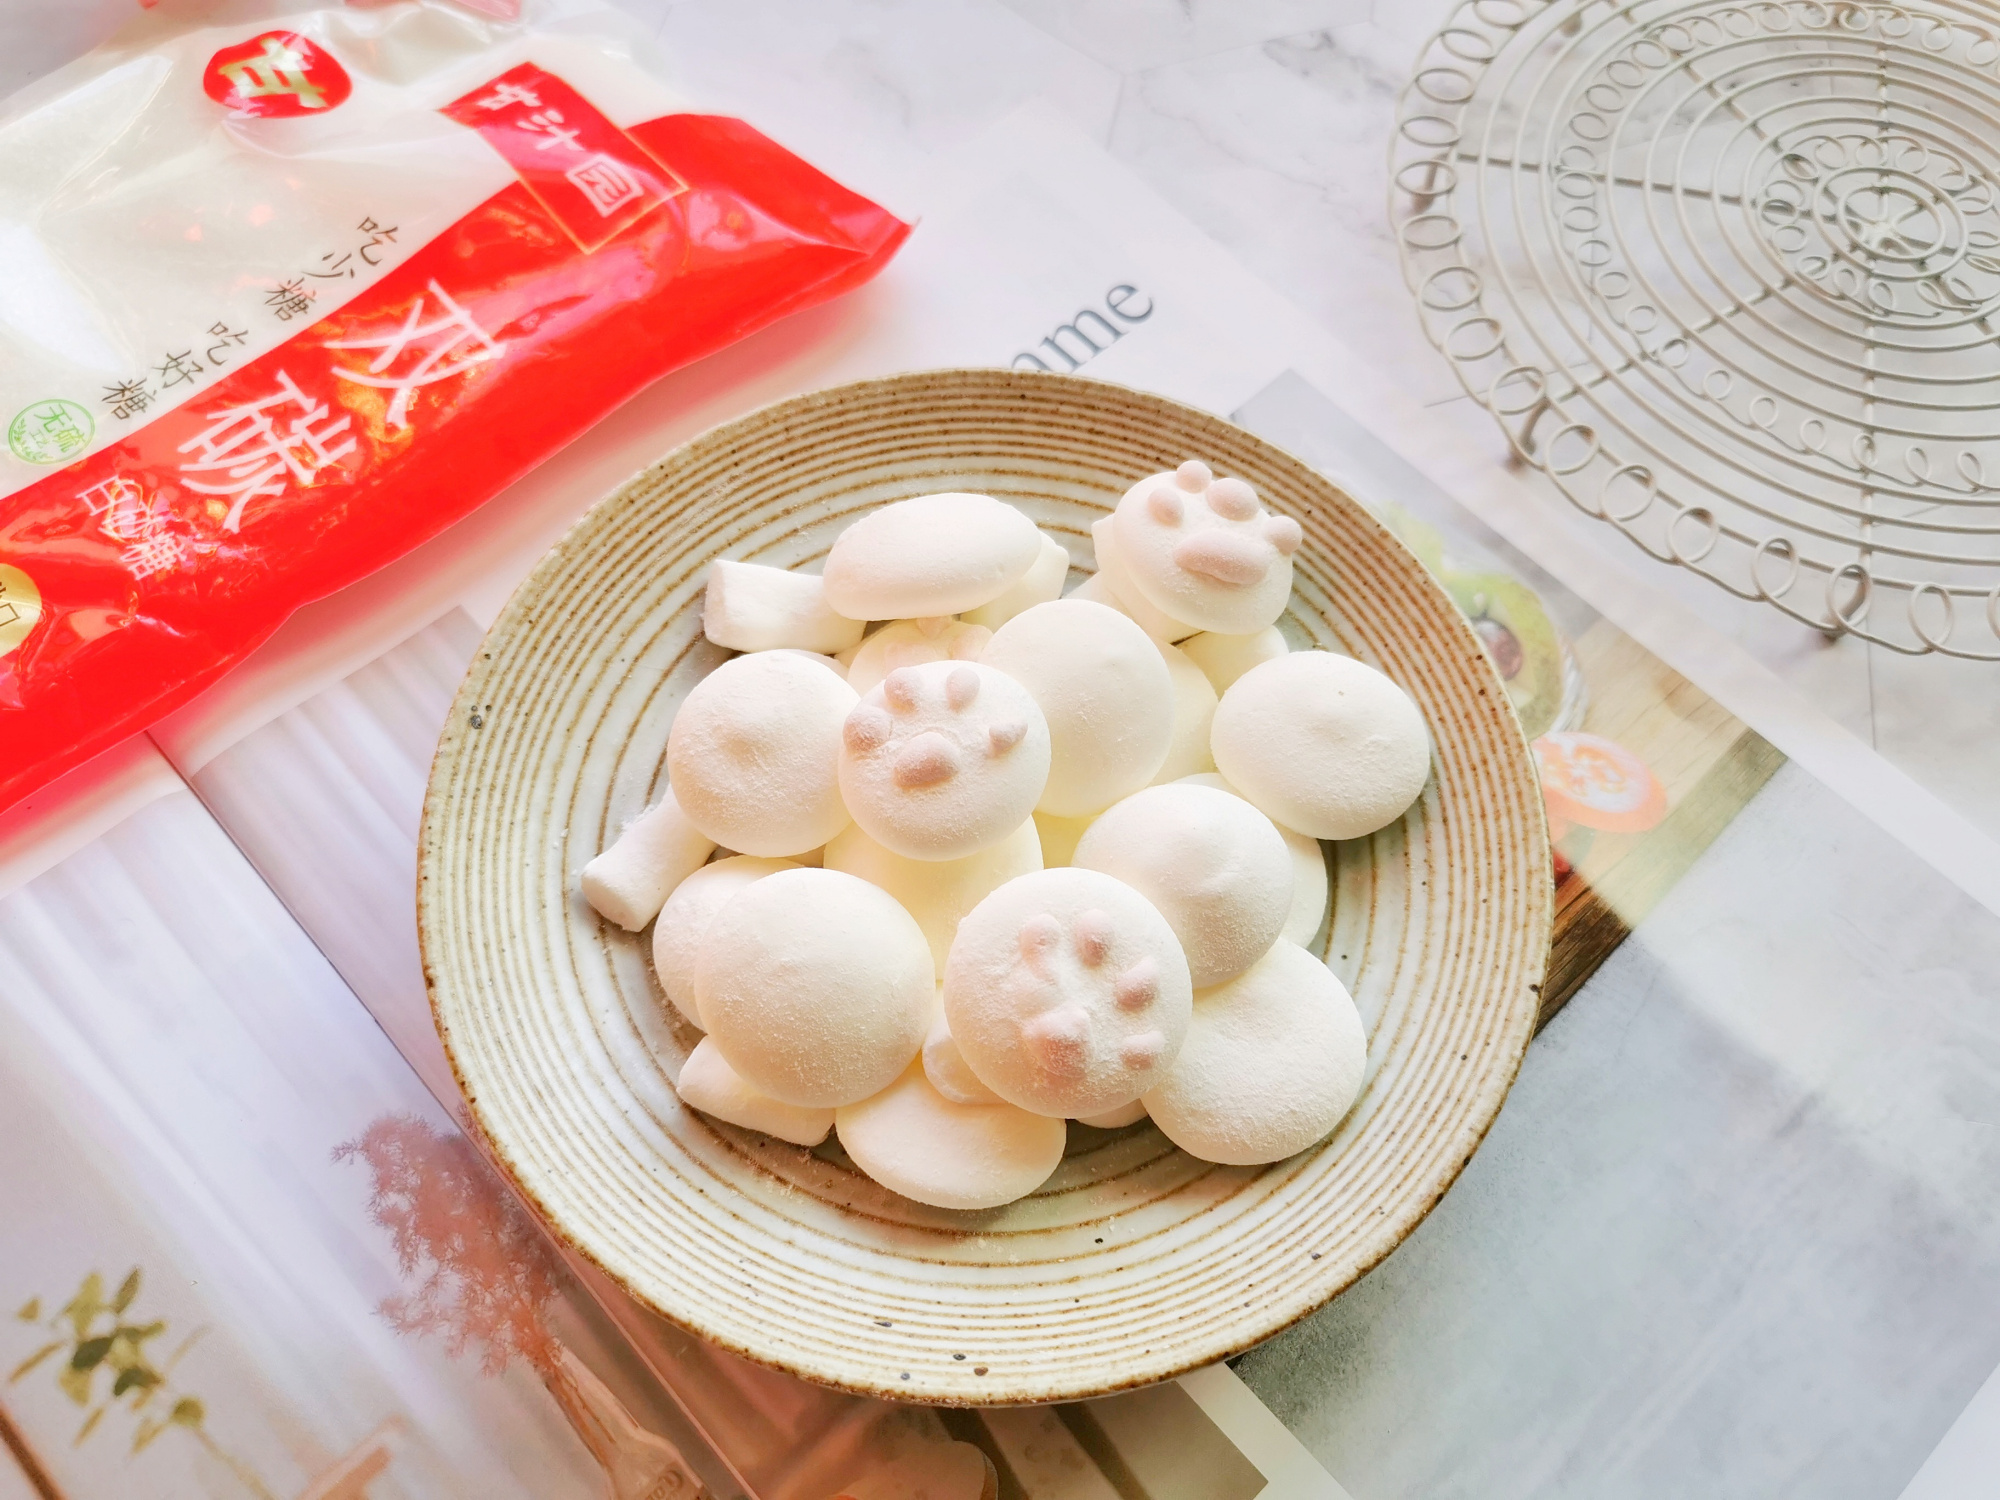 棉花糖也可以在家做,一個雞蛋做一盤,沒有添加劑,孩子吃得放心